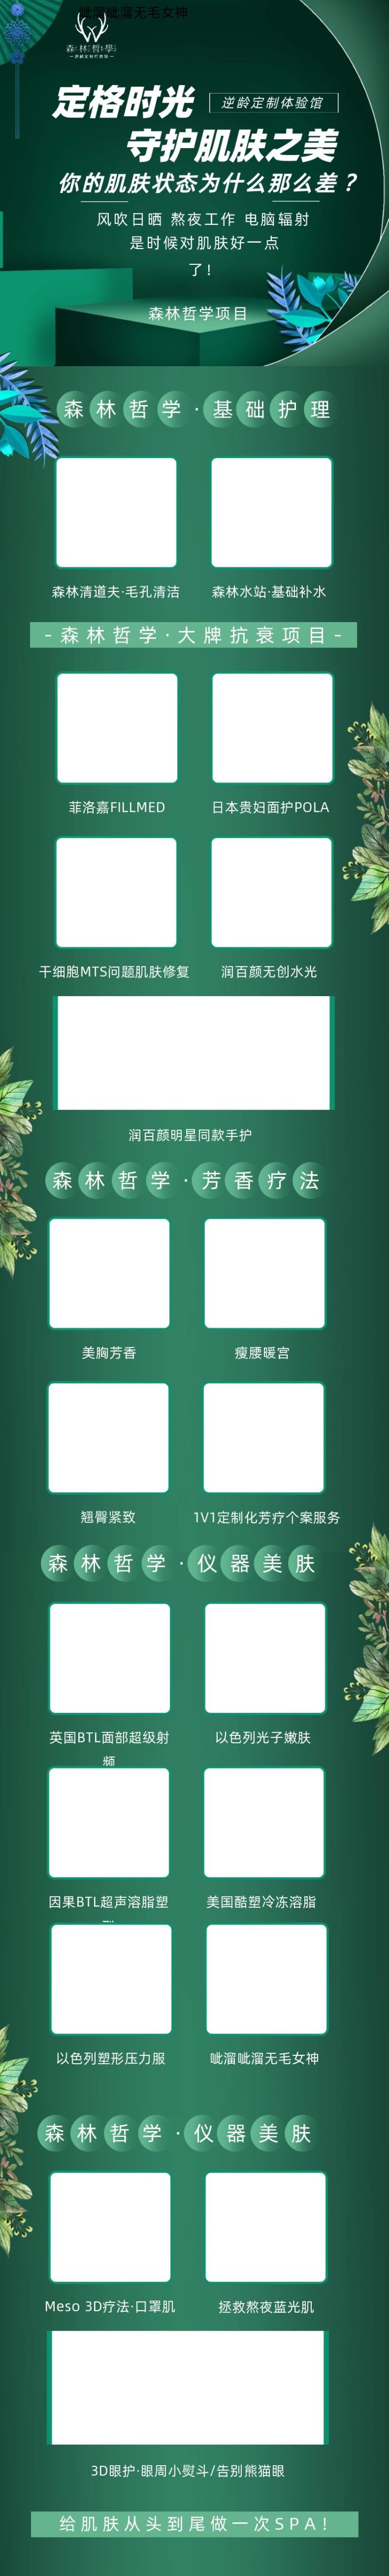 绿色森林哲学定制美容护理产品详情页